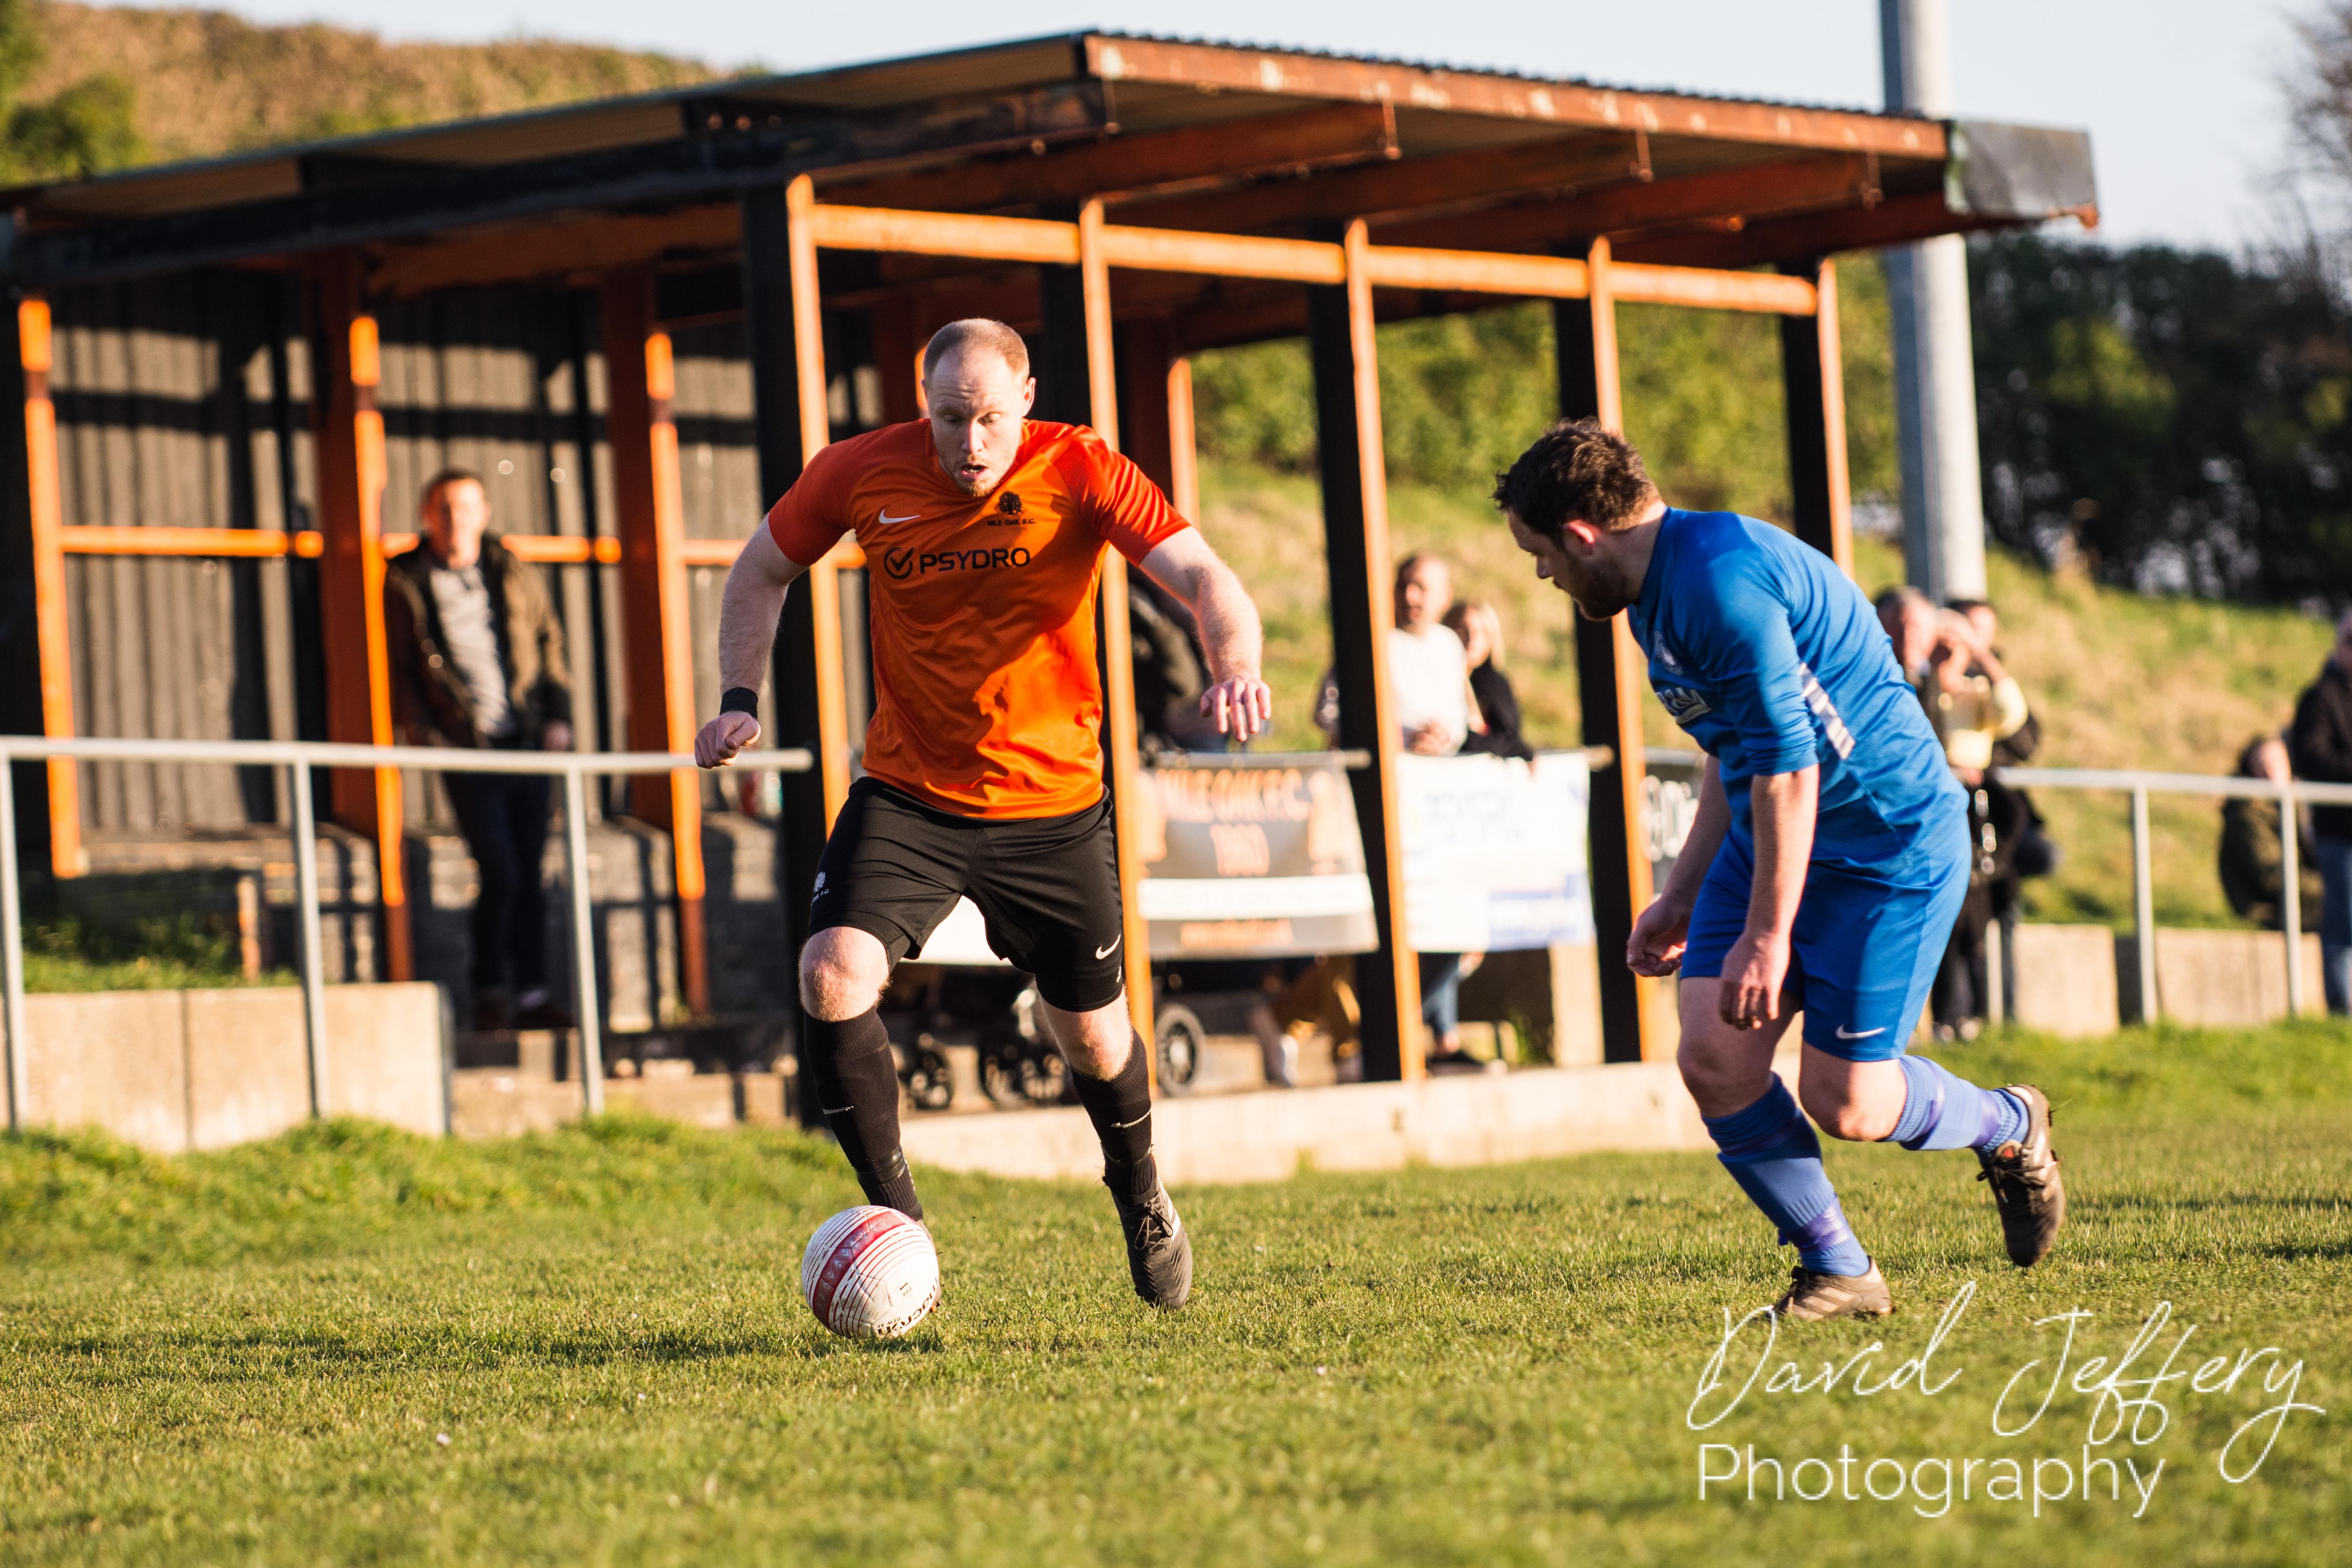 DAVID_JEFFERY MOFC vs Storrington 042